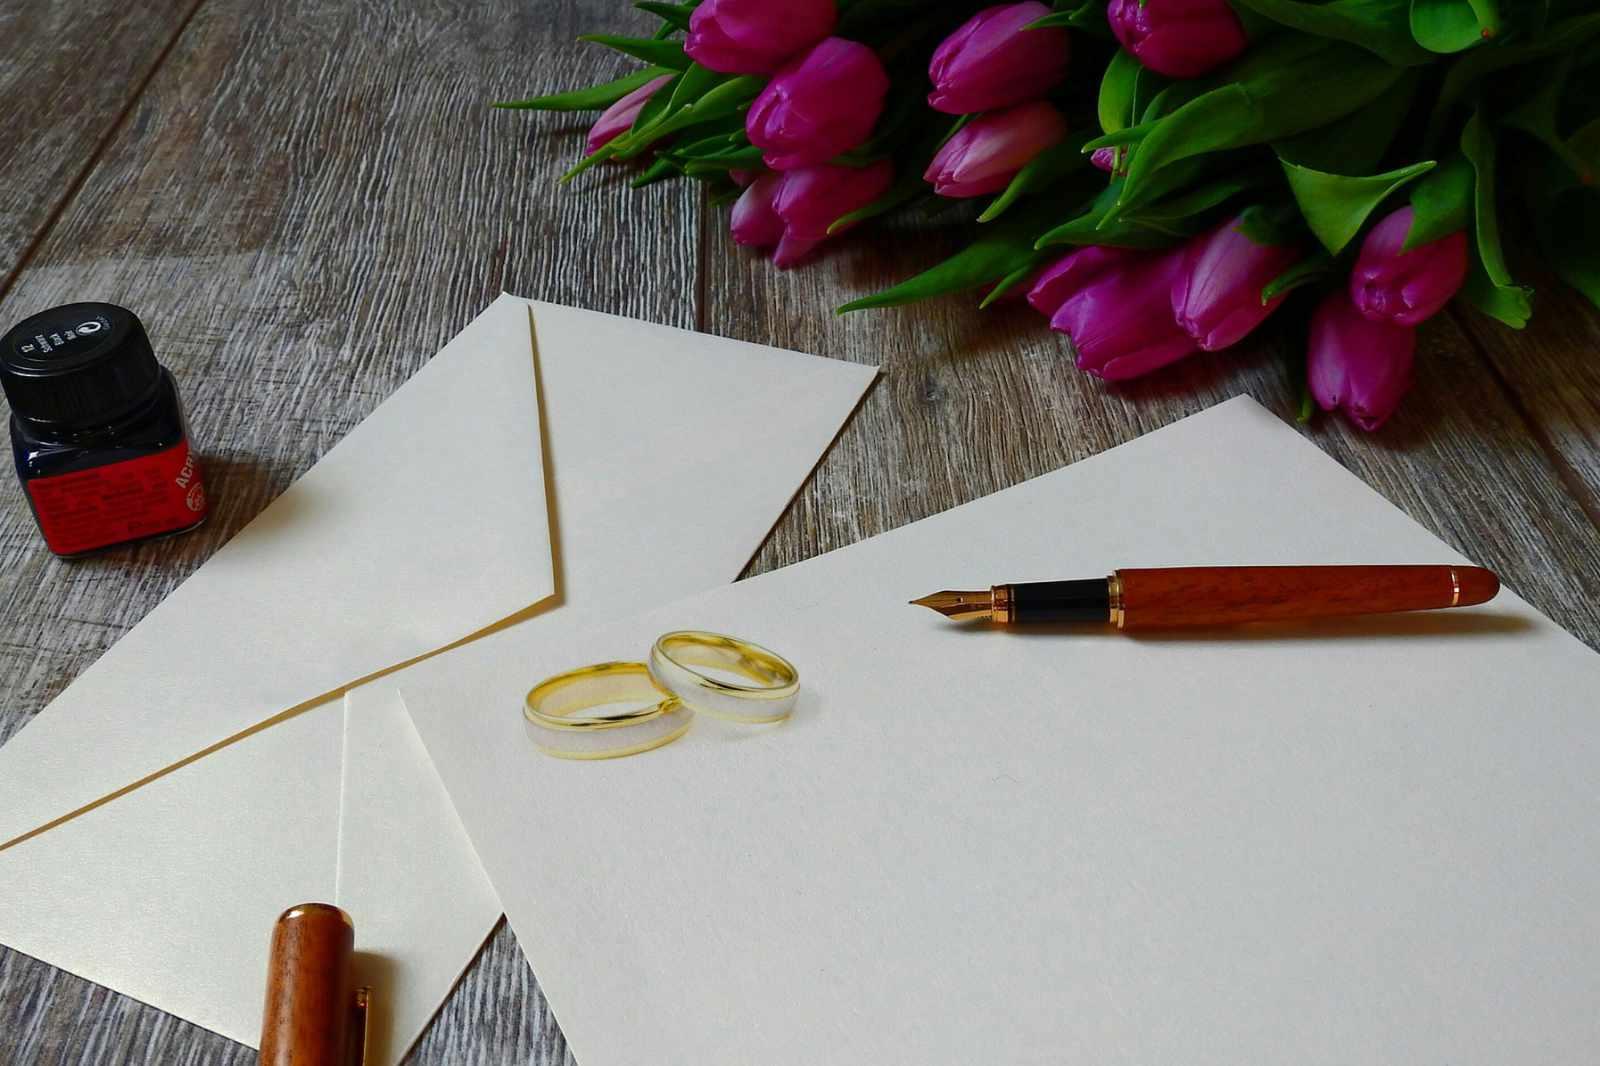 Für karten hochzeitsglückwünsche moderne Hochzeitsglückwünsche für